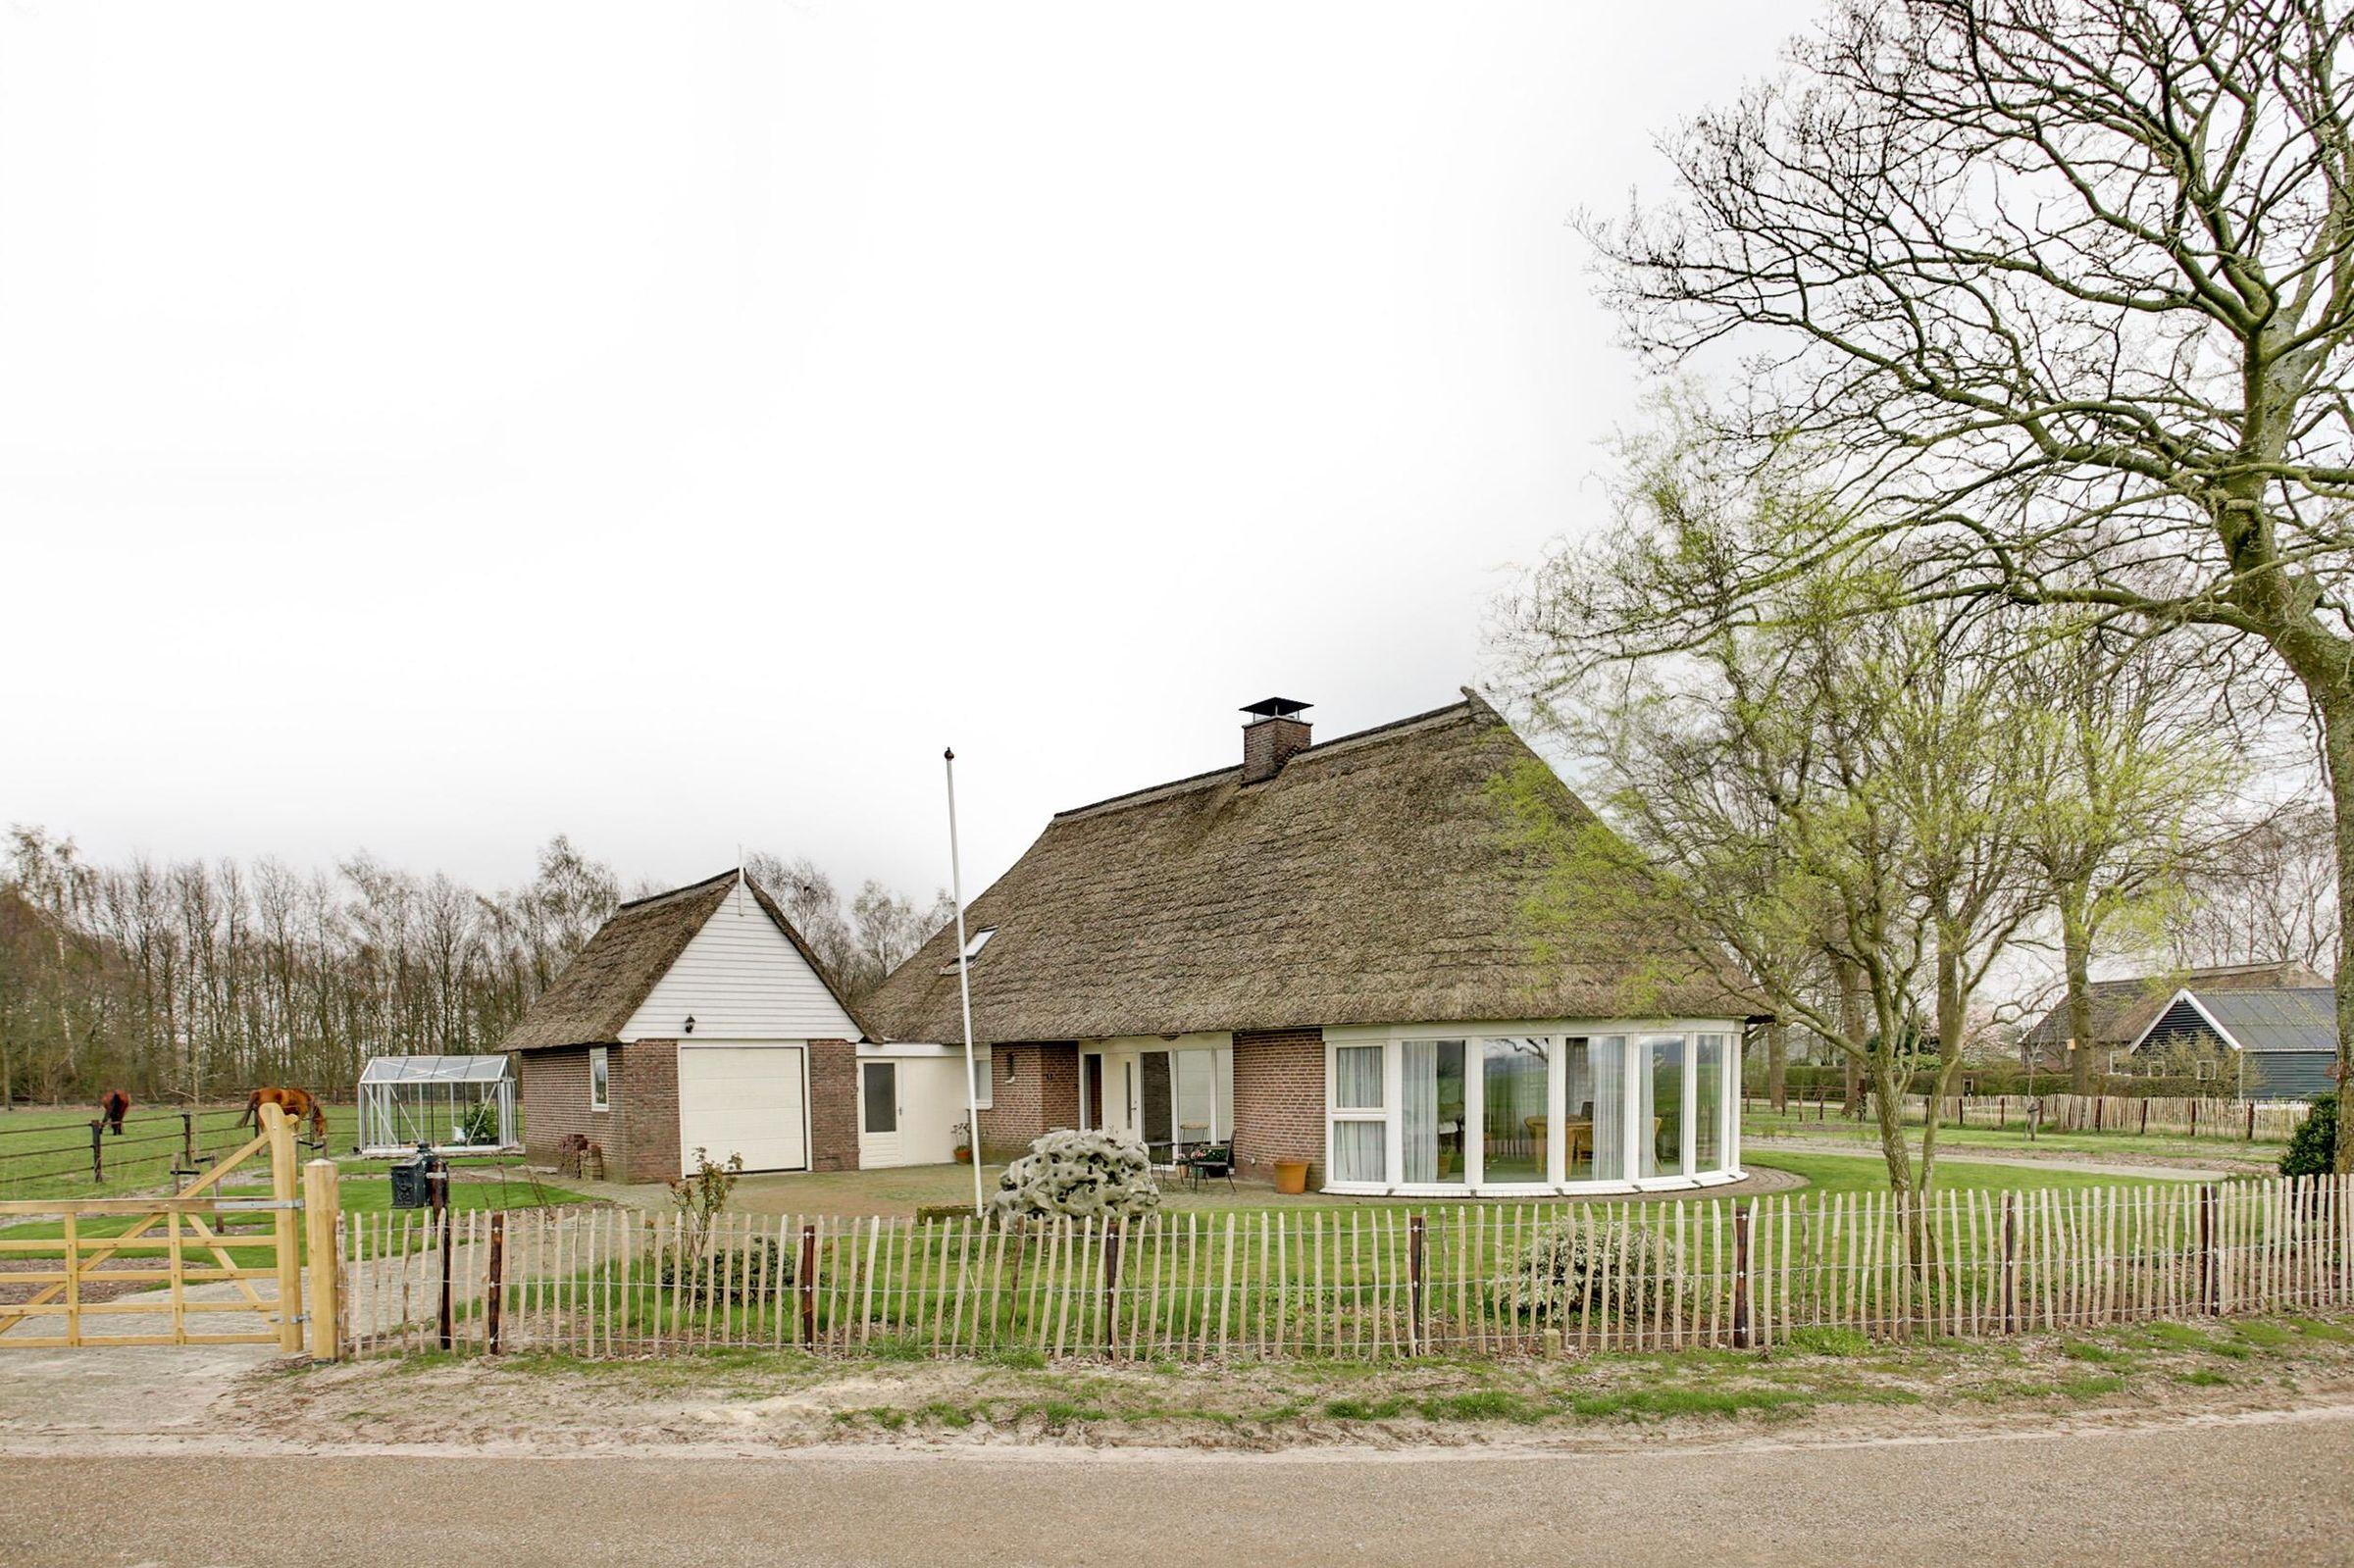 Hs Stevensweg 5, Dwingeloo